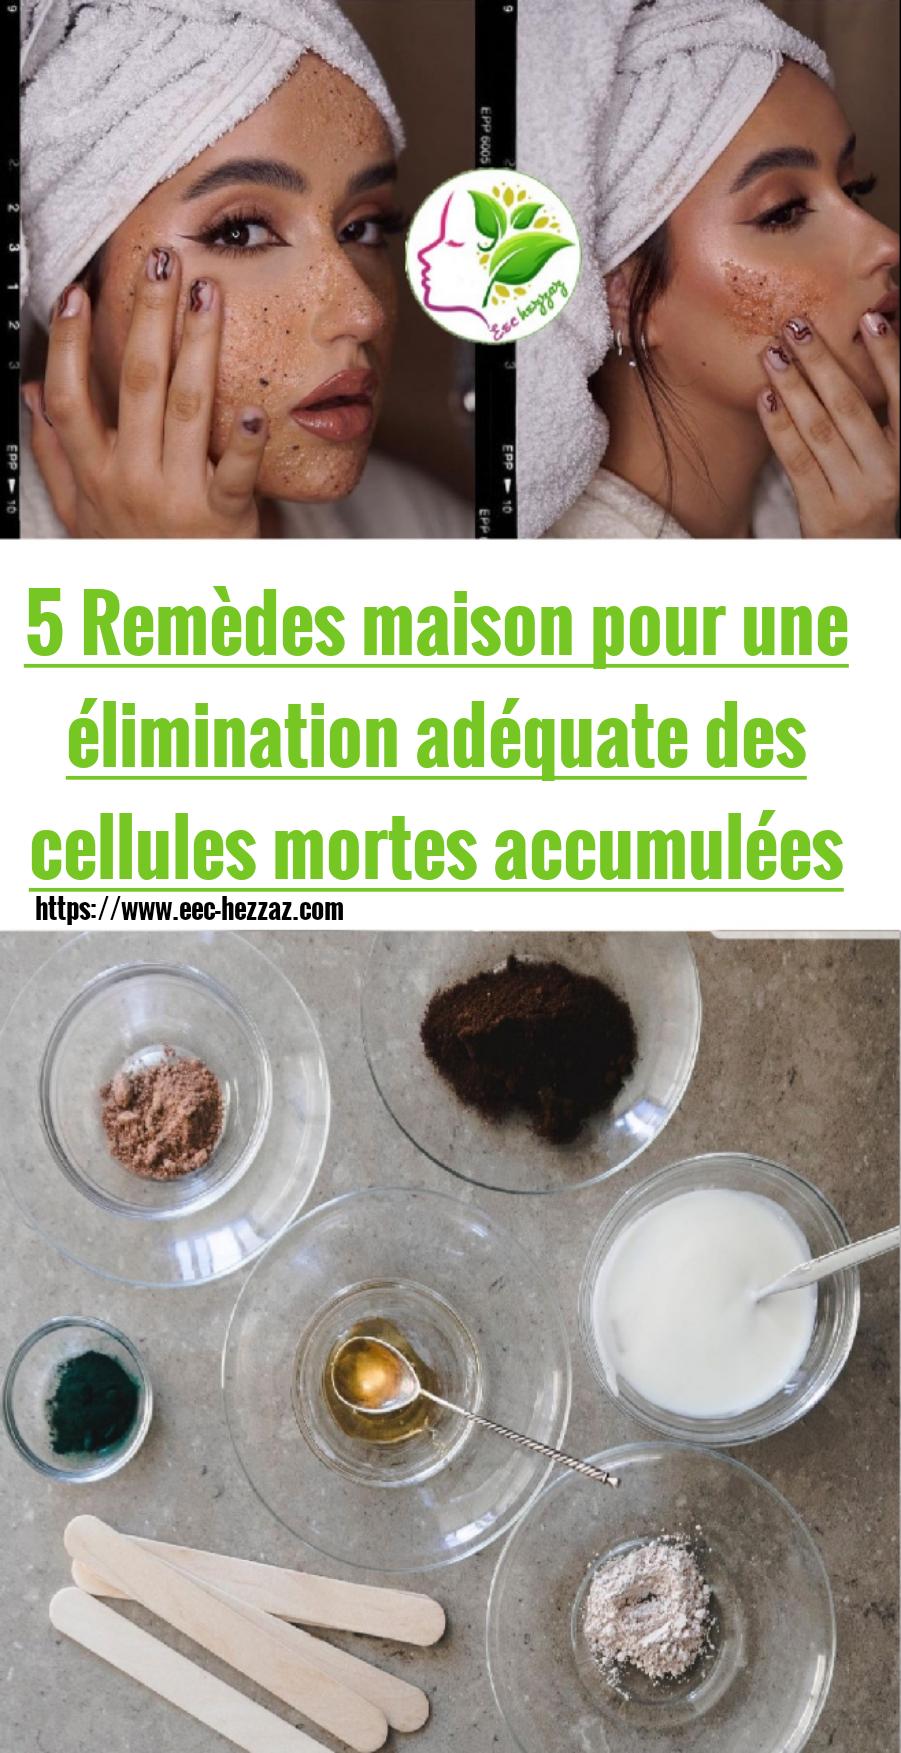 5 Remèdes maison pour une élimination adéquate des cellules mortes accumulées